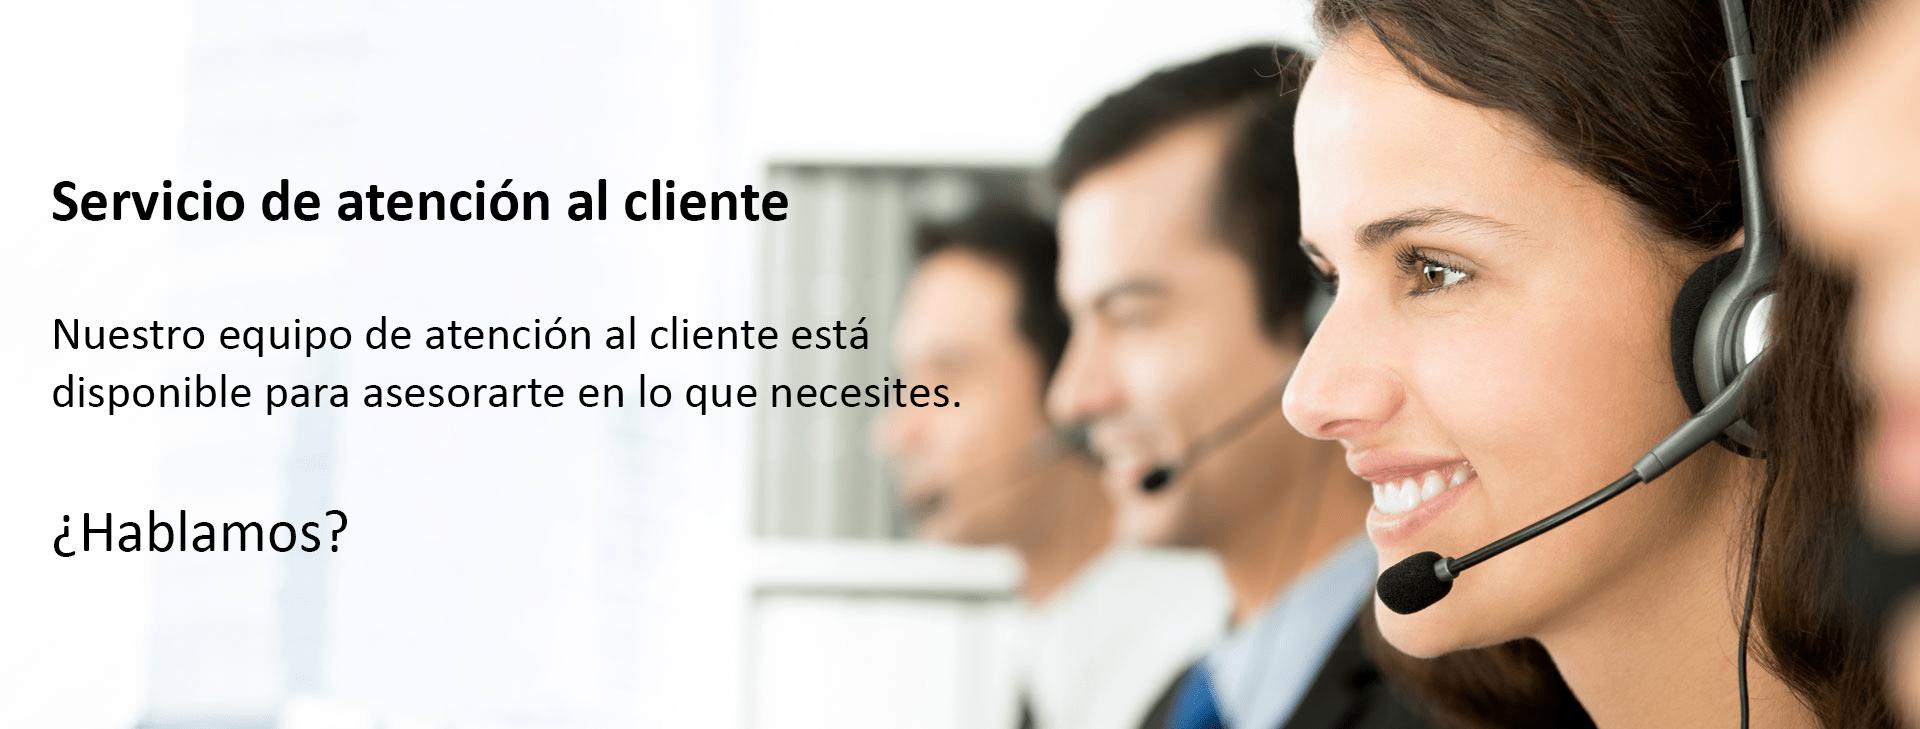 Atencion al cliente www.zonaprotegida.es